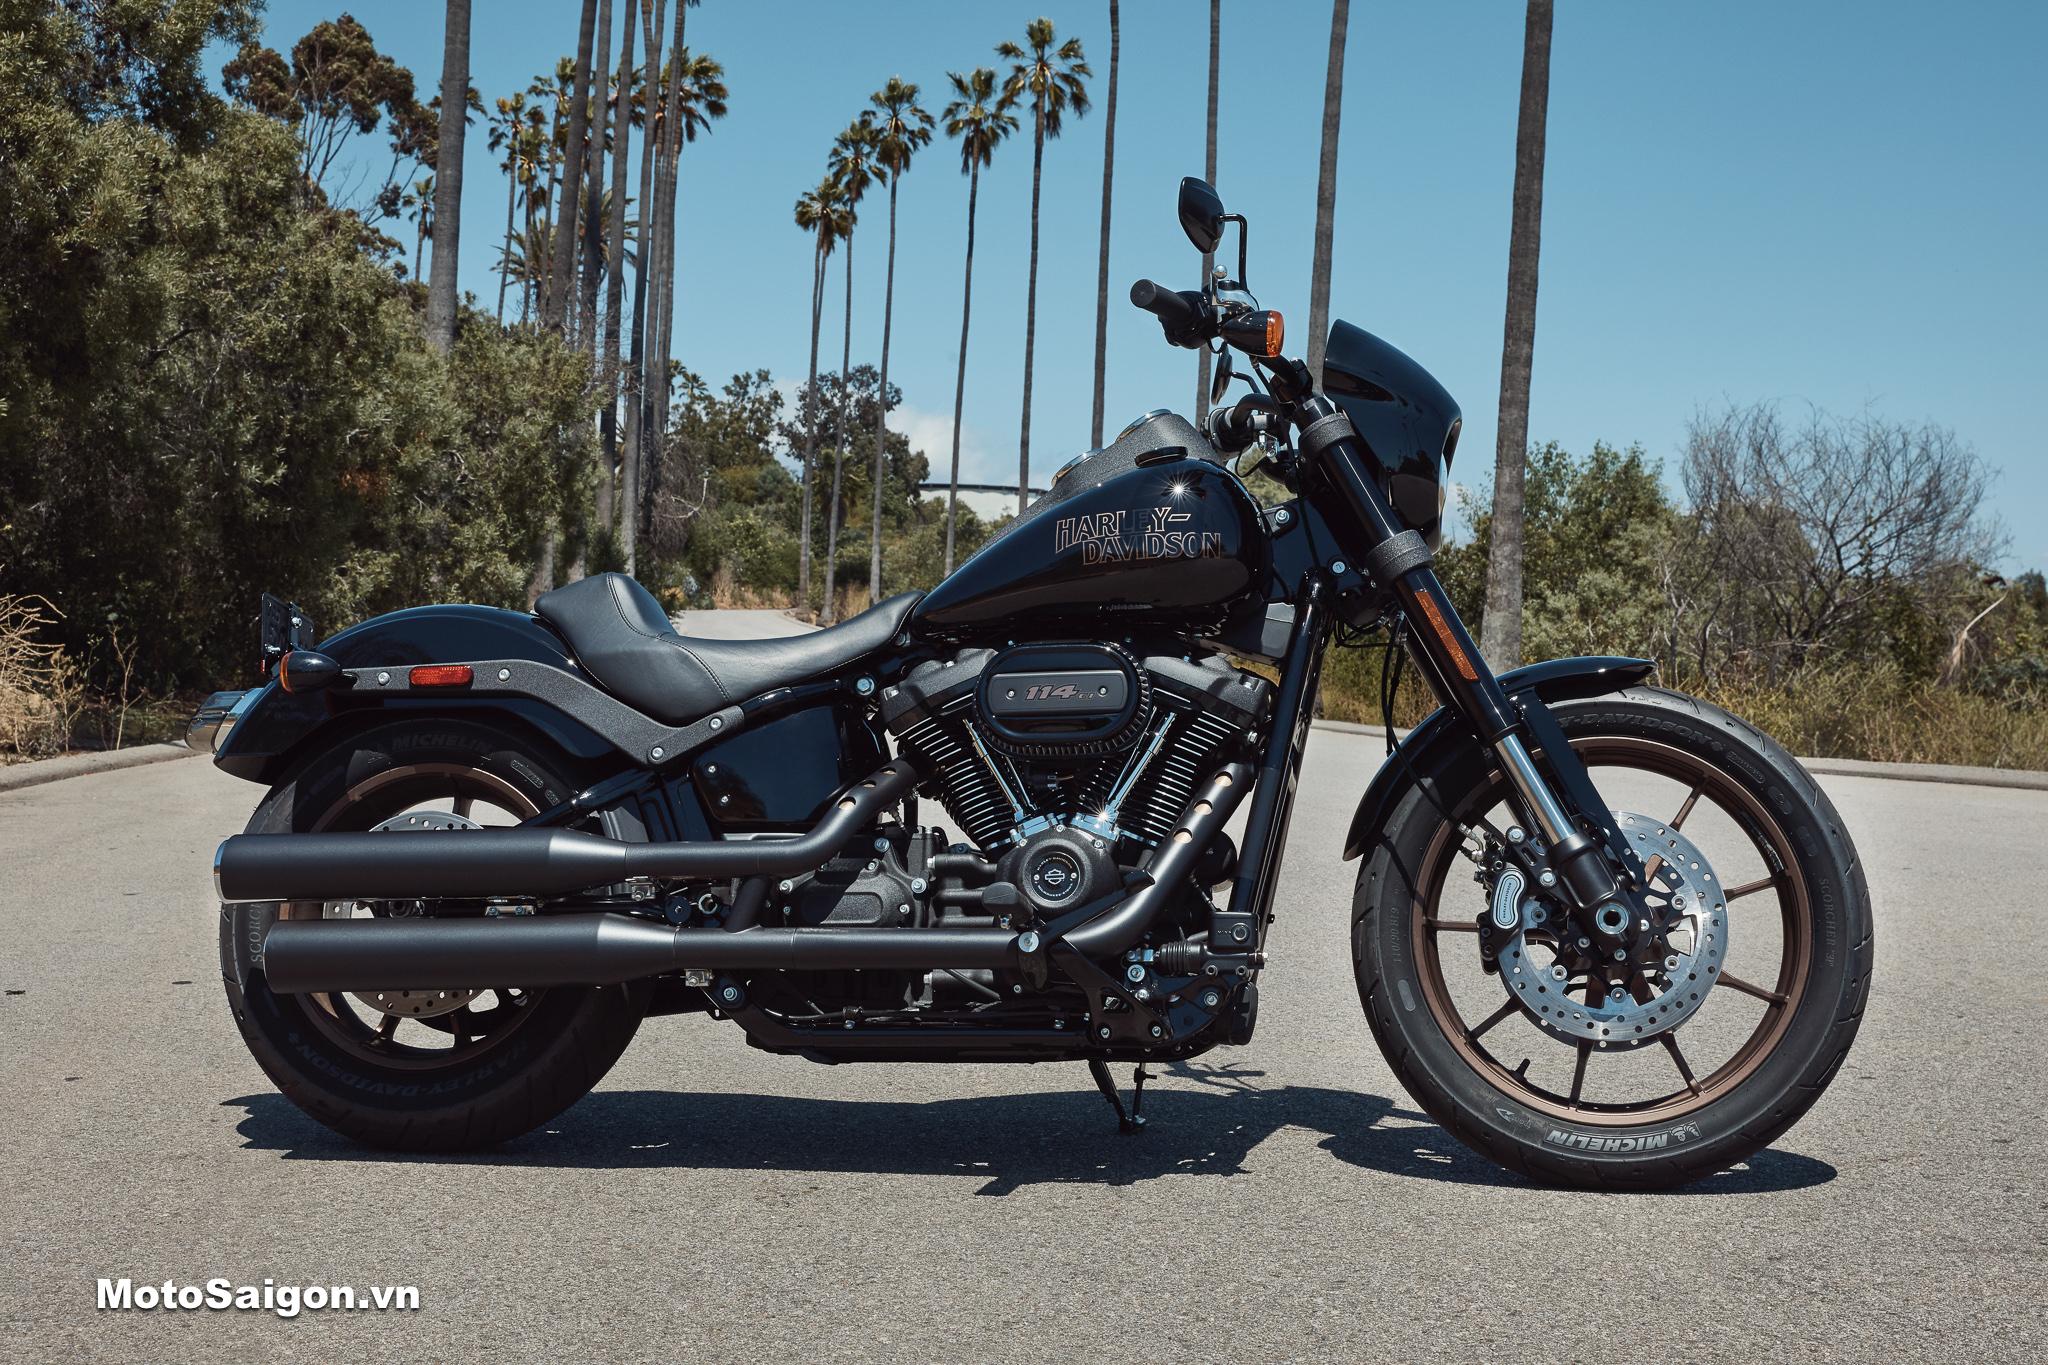 Harley-Davidson Low Rider S 114 2020 hoàn toàn mới đã có giá bán